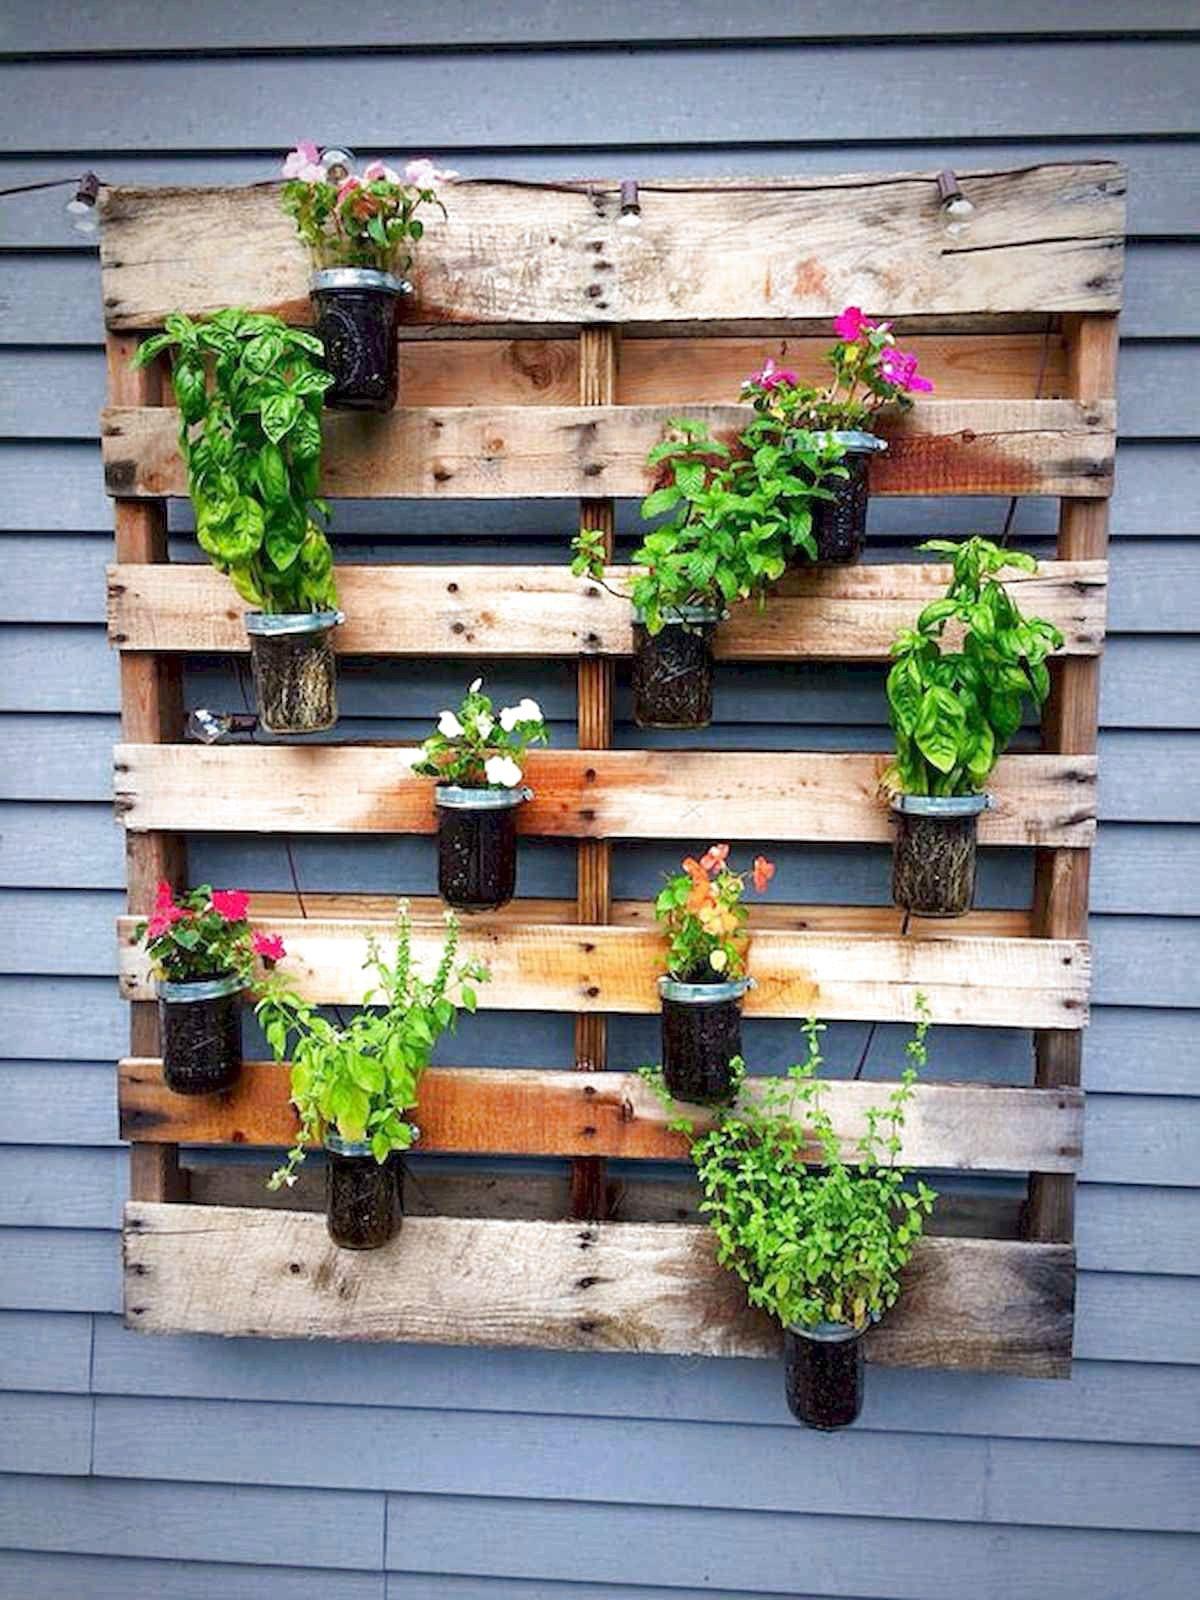 46 Inspiring Herb Garden Design Ideas And Remodel The Expert Beautiful Ideas Vertical Pallet Garden Pallet Garden Walls Herb Garden Design